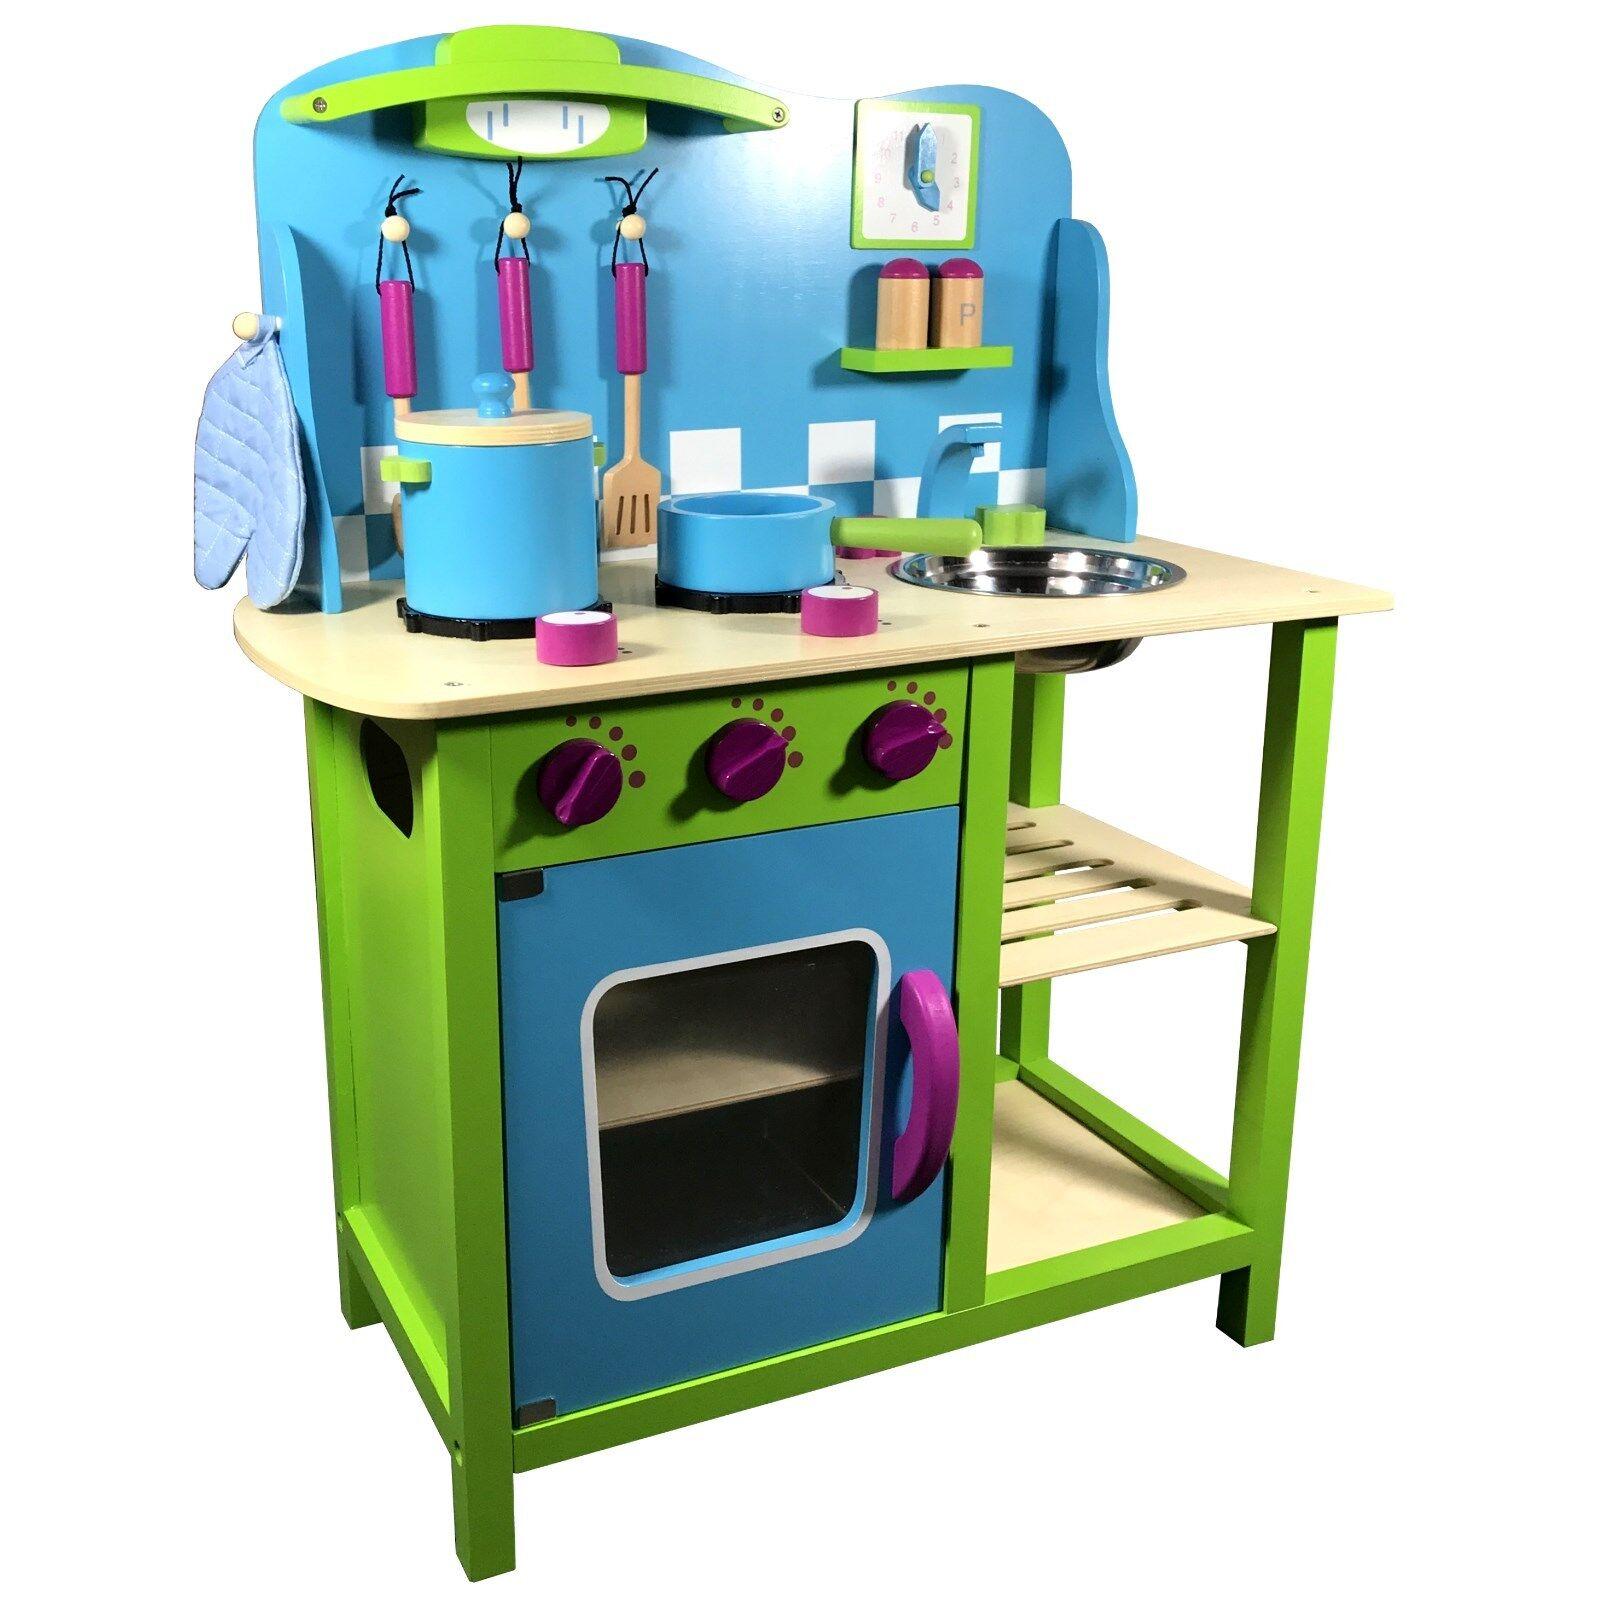 Kinderküche Holz Kinderspielküche Spielzeugküche Holzküche Küche blau grün